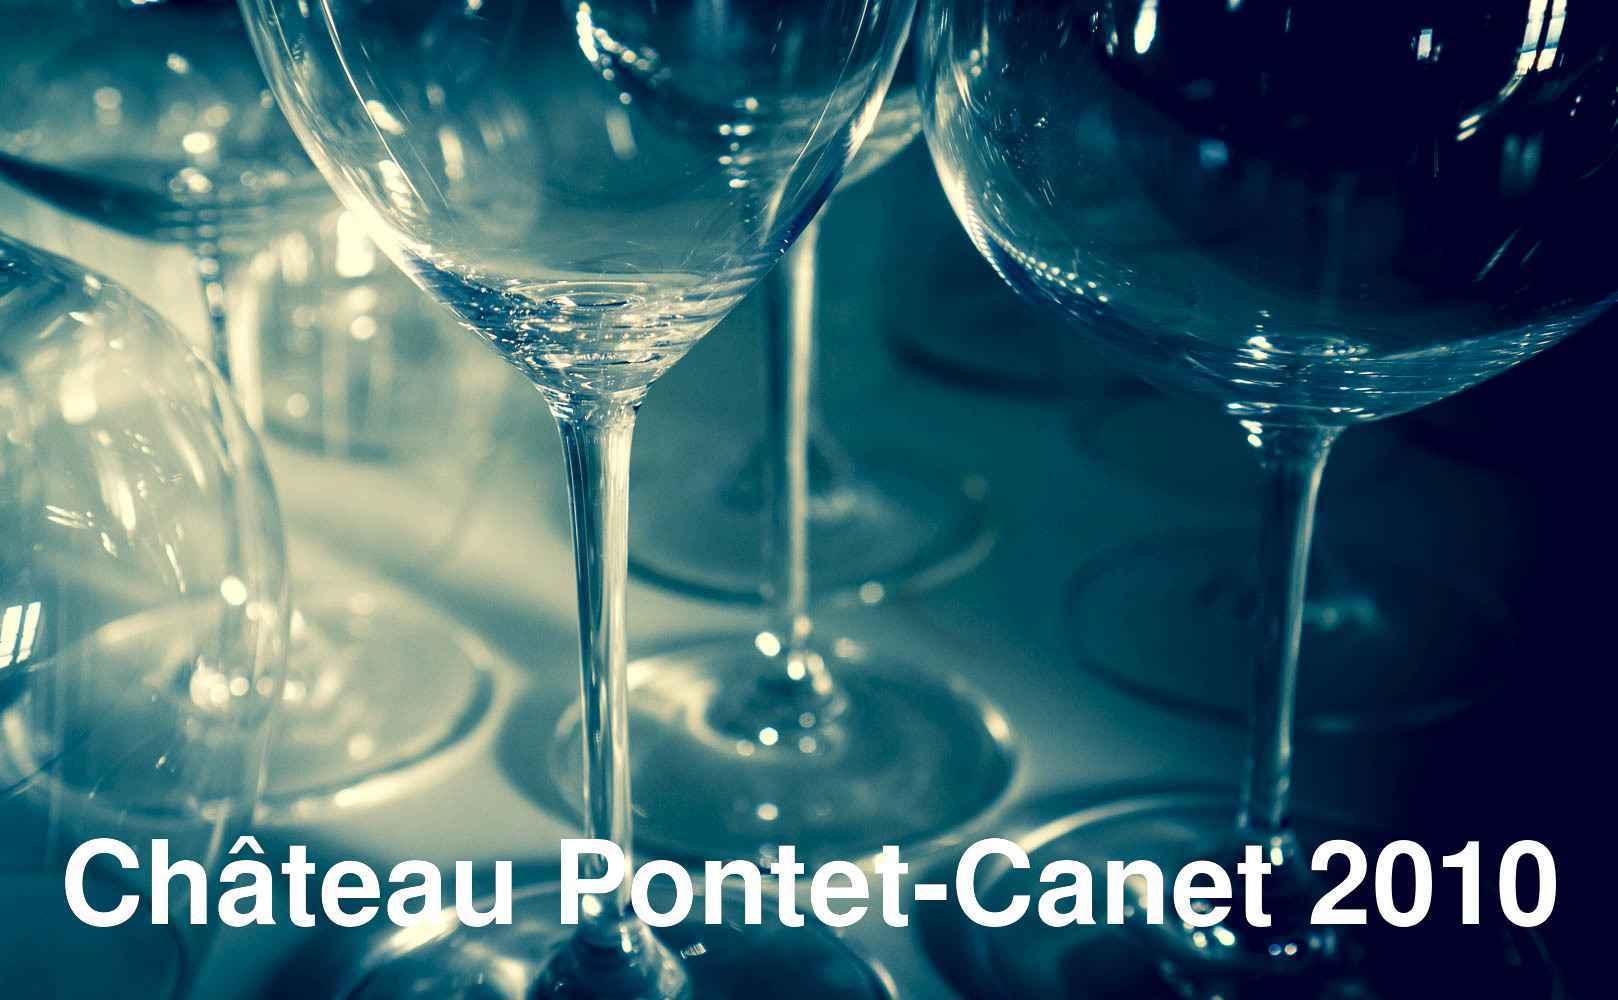 Château Pontet-Canet 2010 von Château Pontet-Canet aus Pauillac, Frankreich